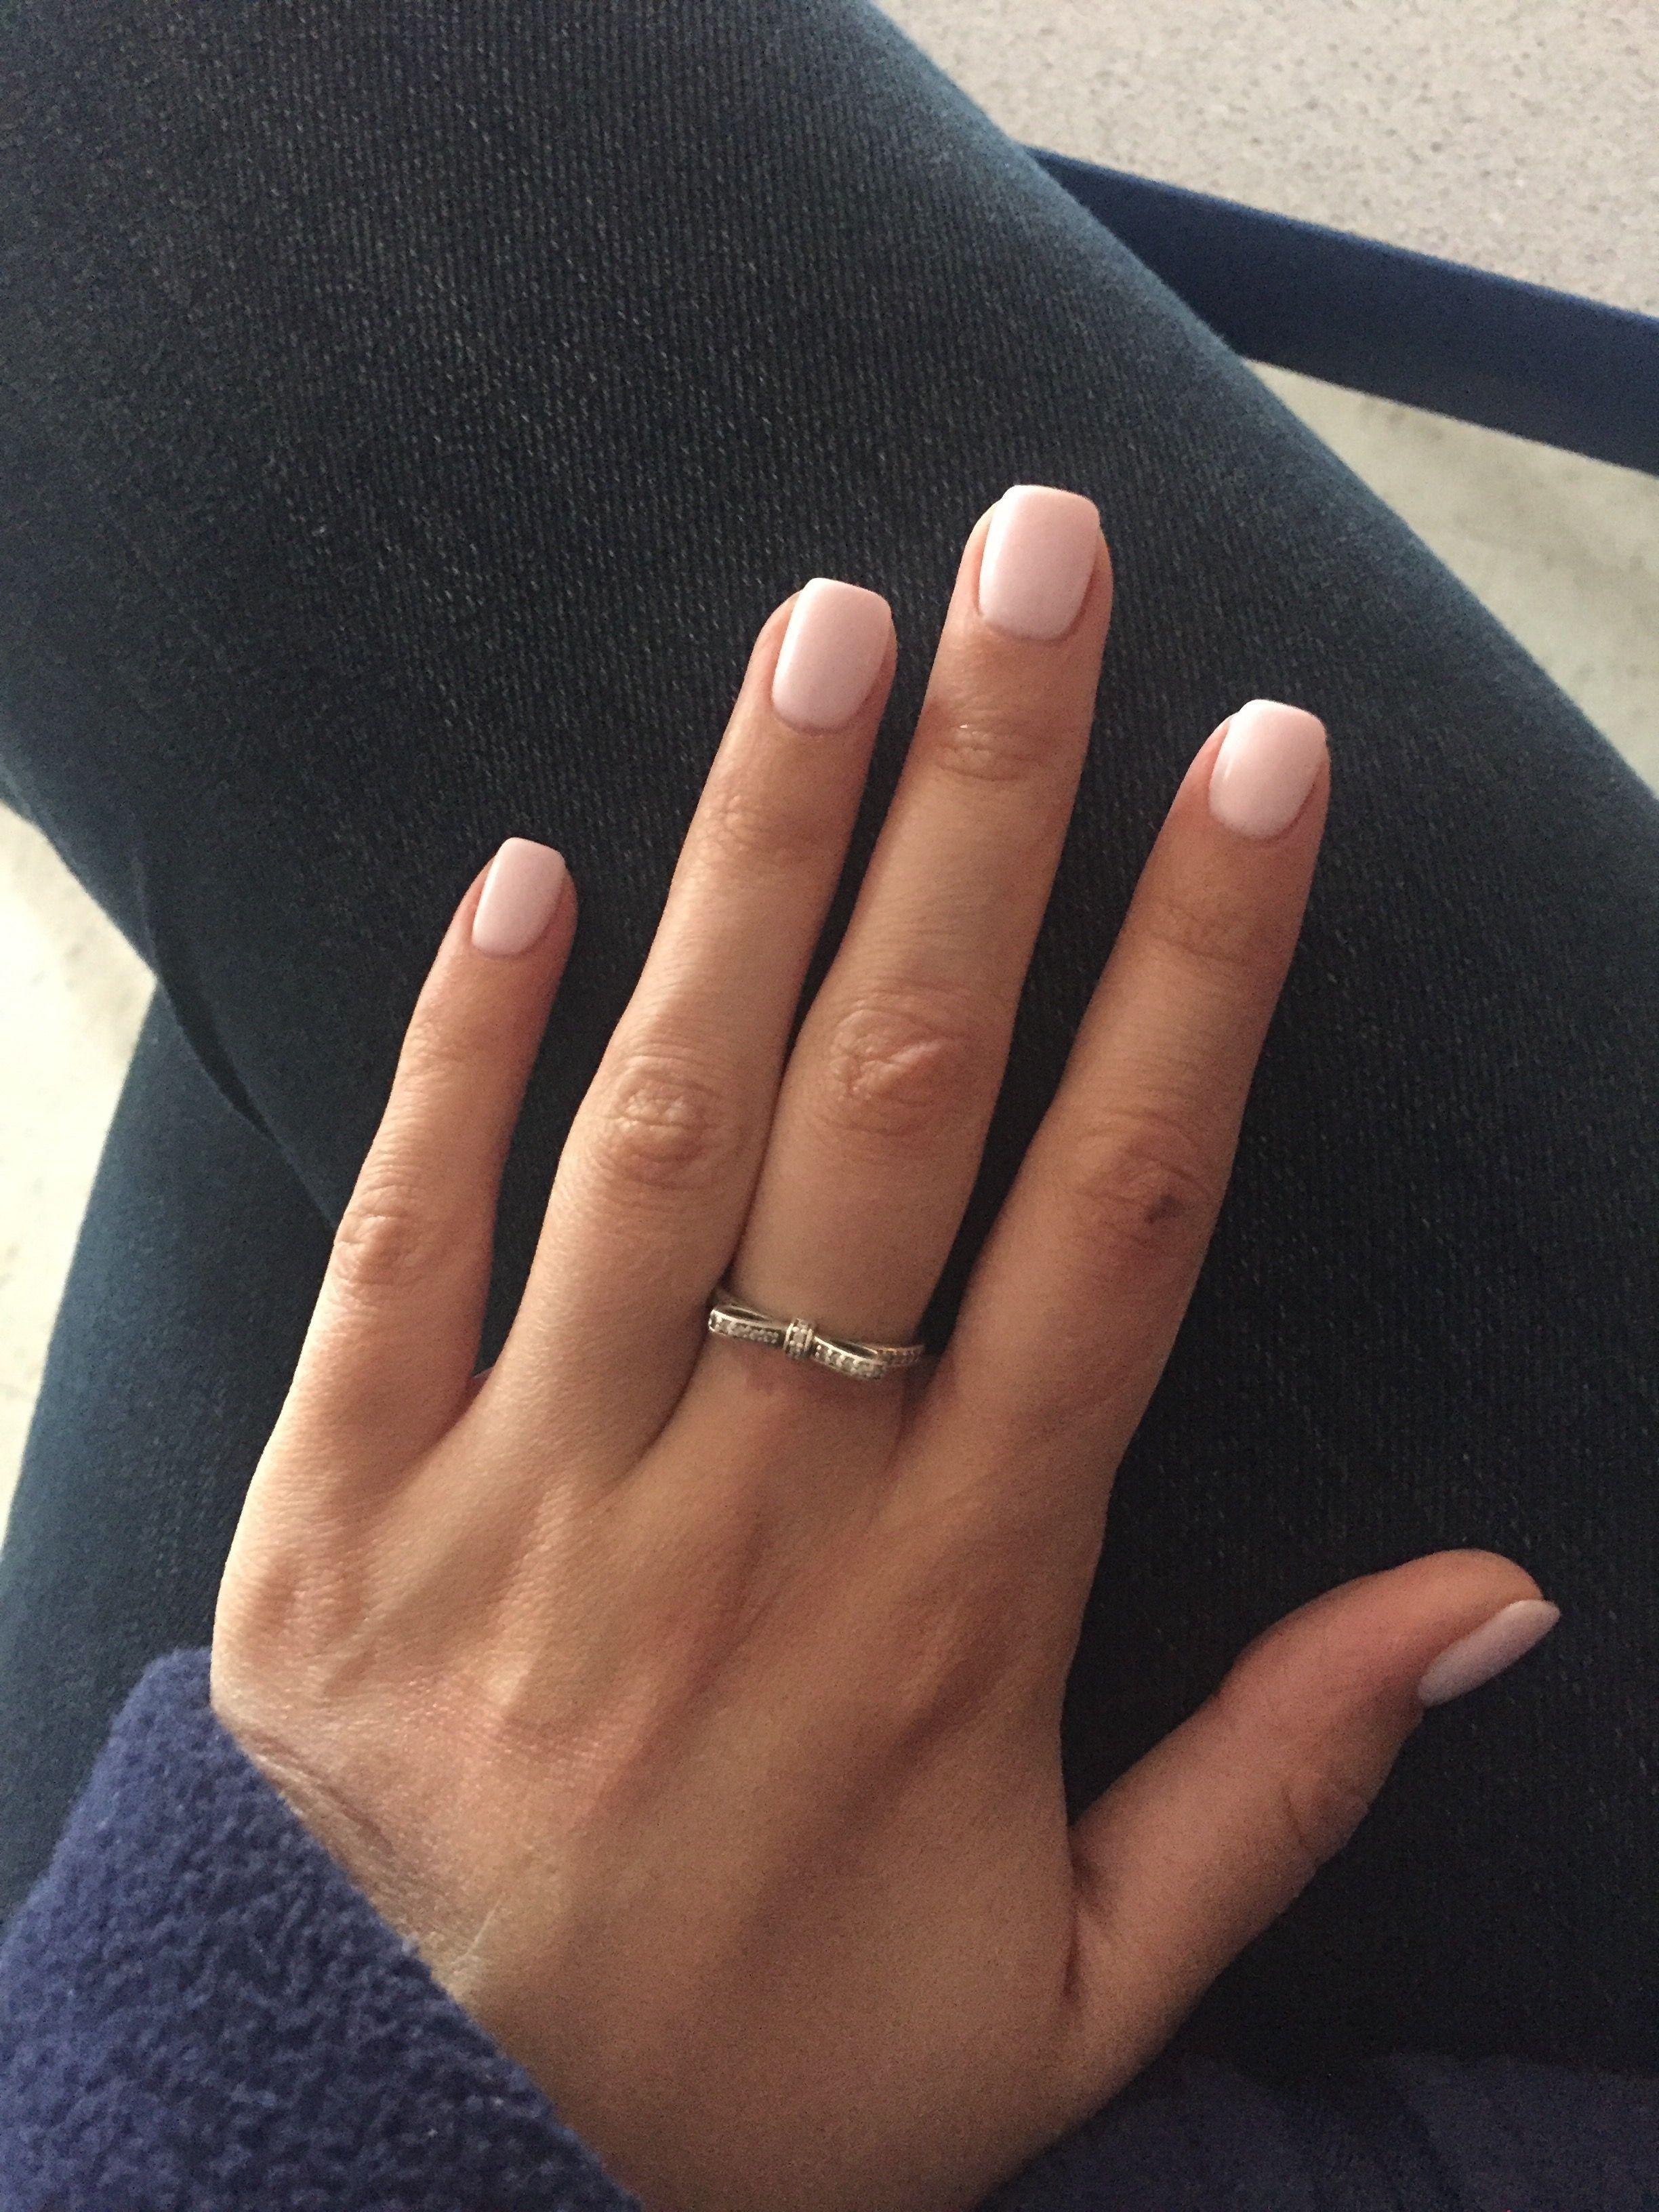 Short pink square acrylic nails | nail polish colors | Pinterest ...